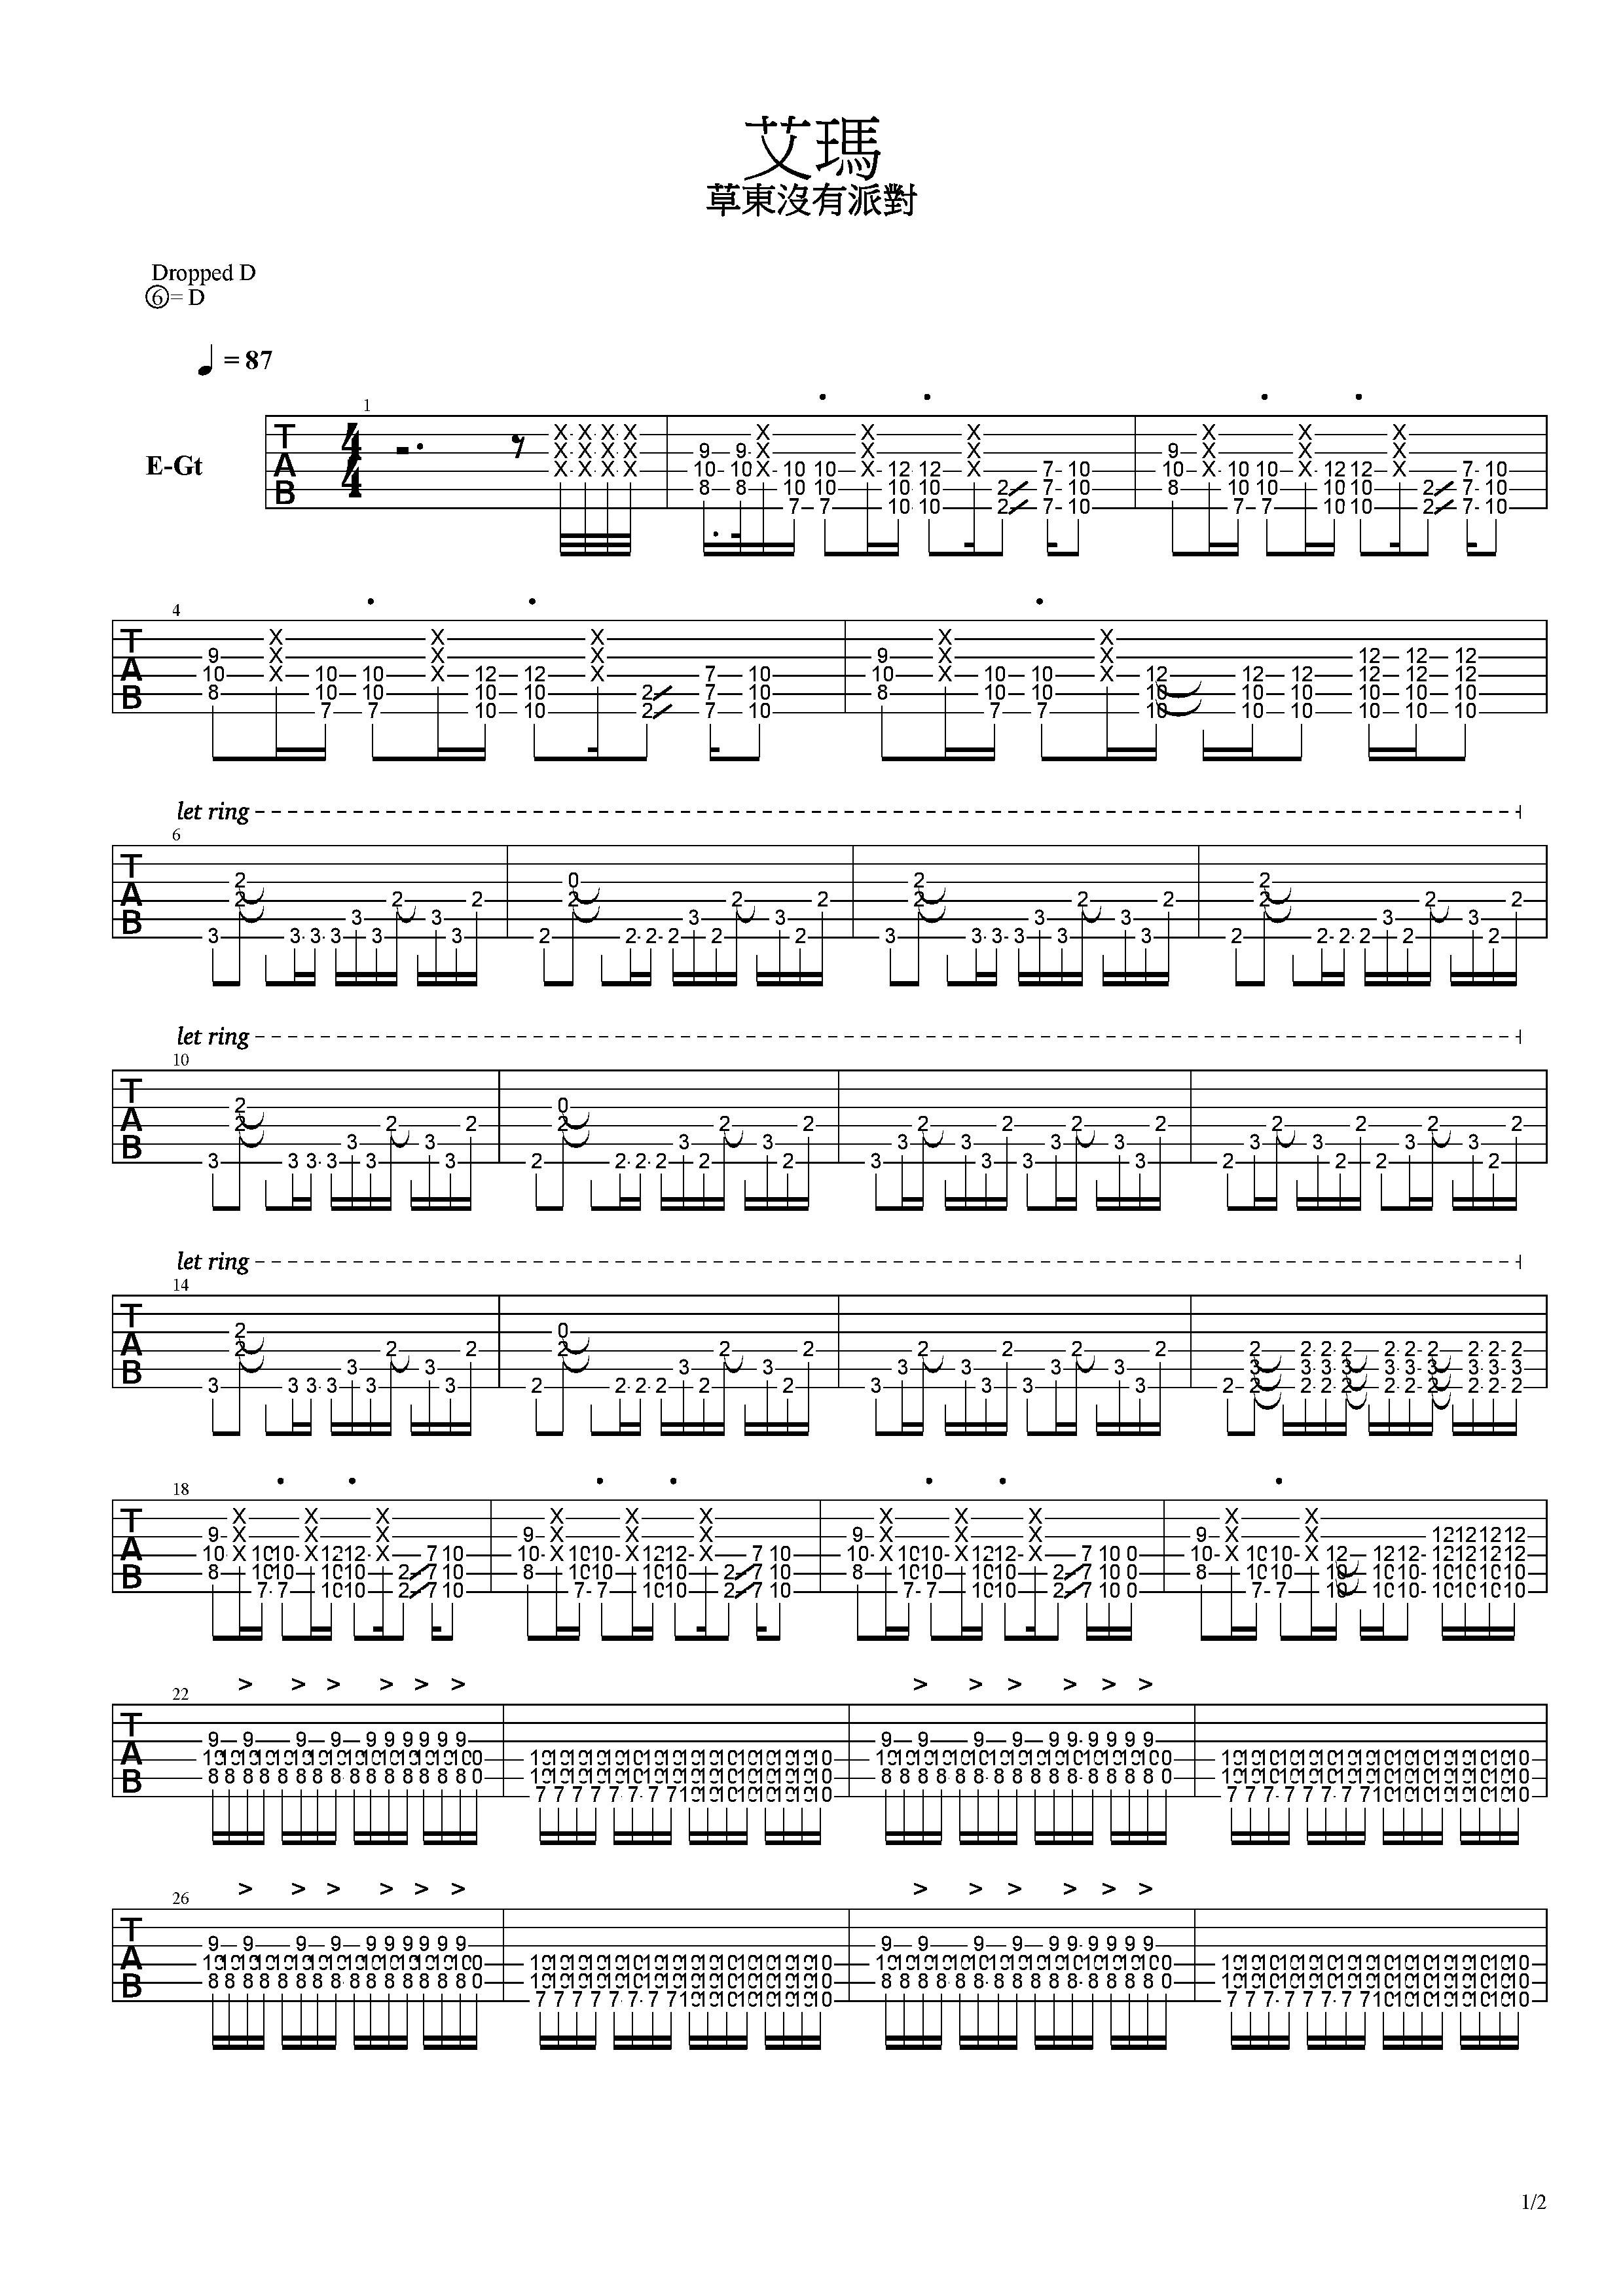 艾瑪-草東沒有派對-图片吉他谱-1